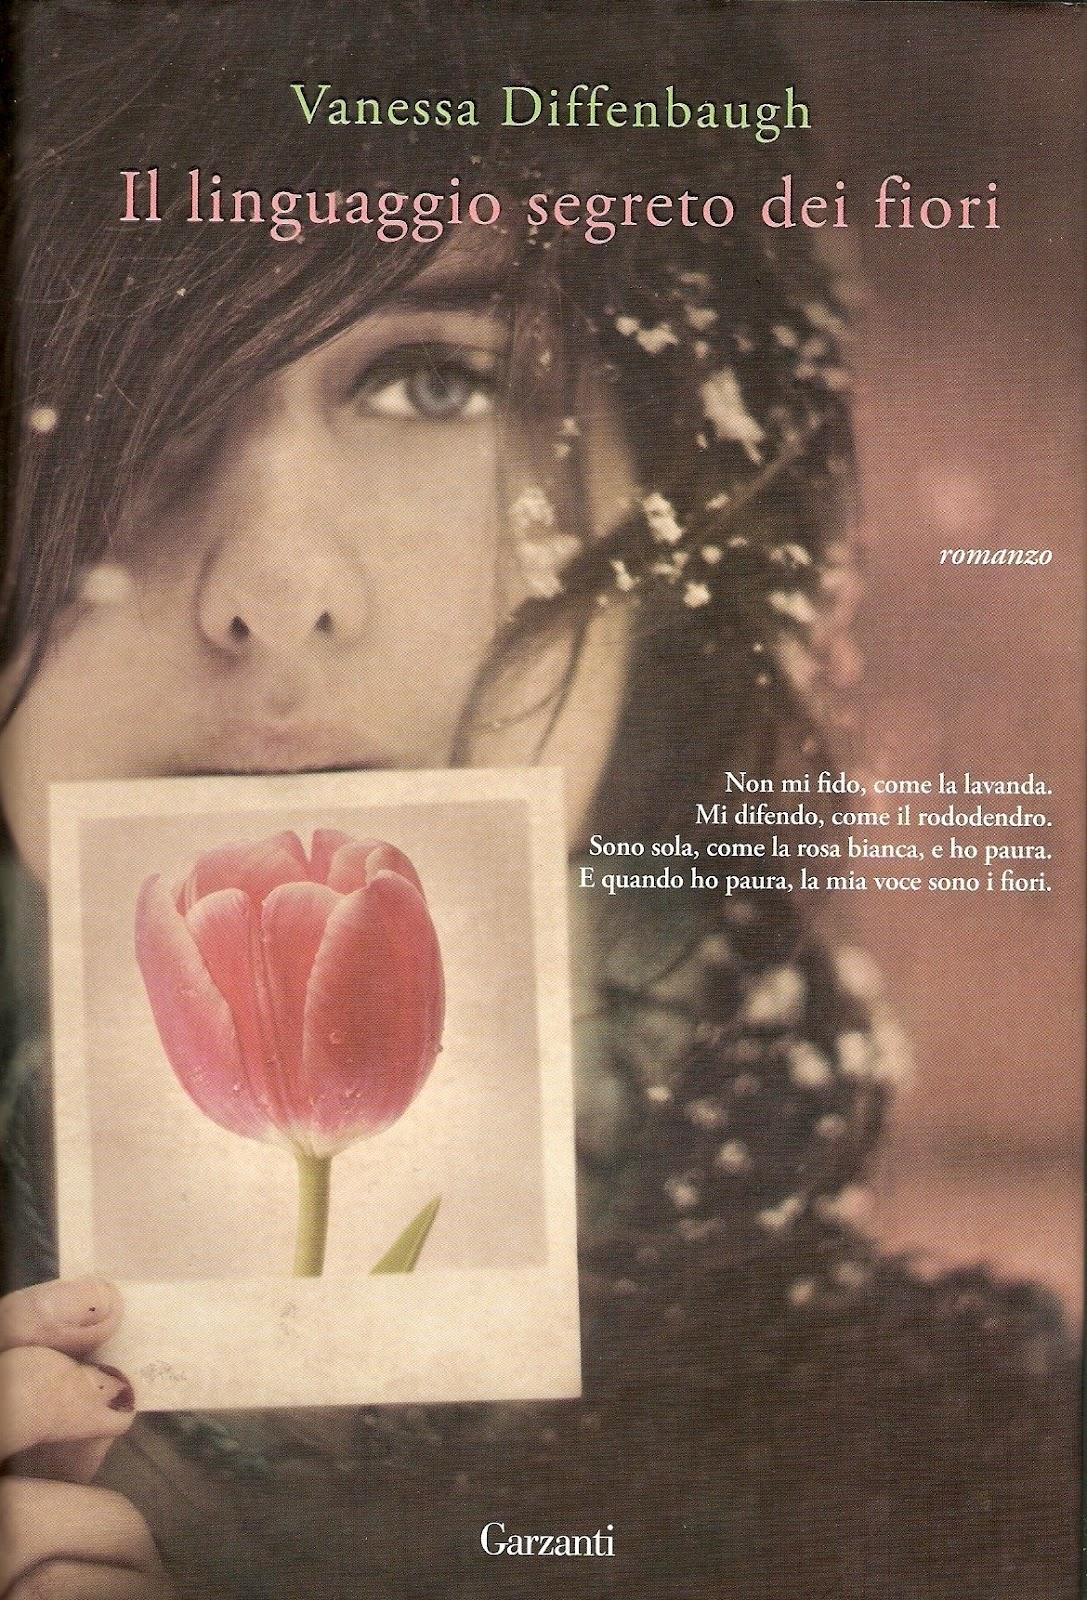 Il linguaggio segreto dei fiori - vanessa diffenbaugh